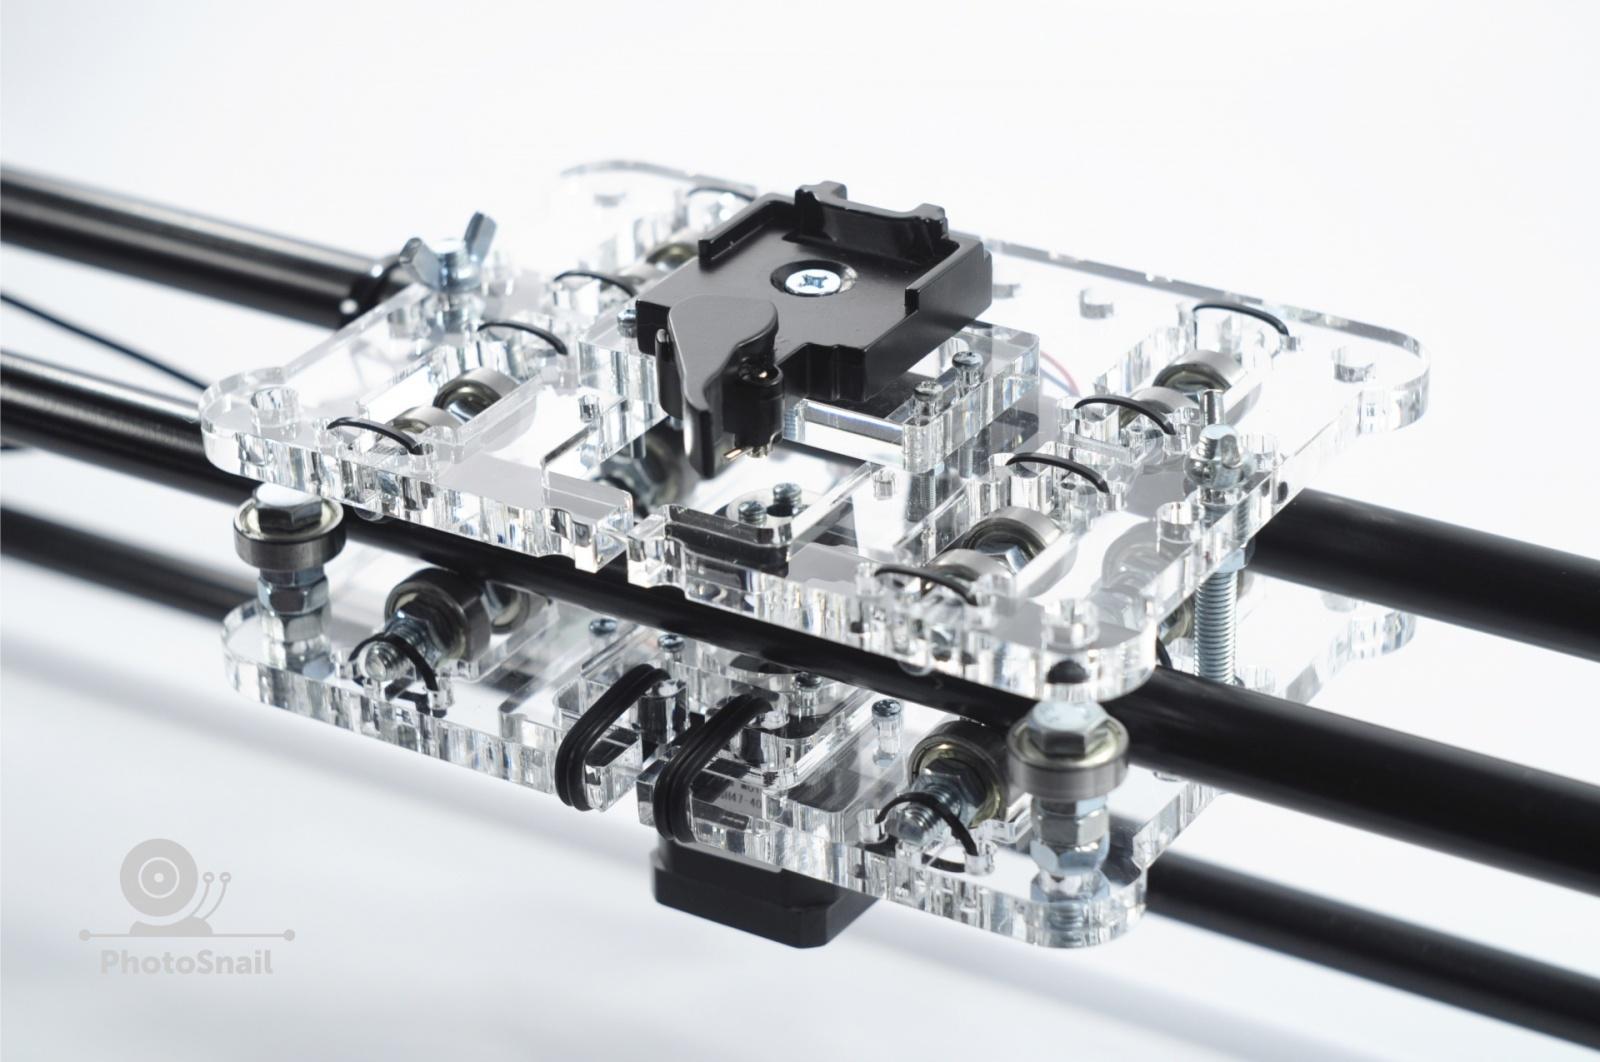 DIY моторизированный слайдер для съемки TimeLapse и видео - 12